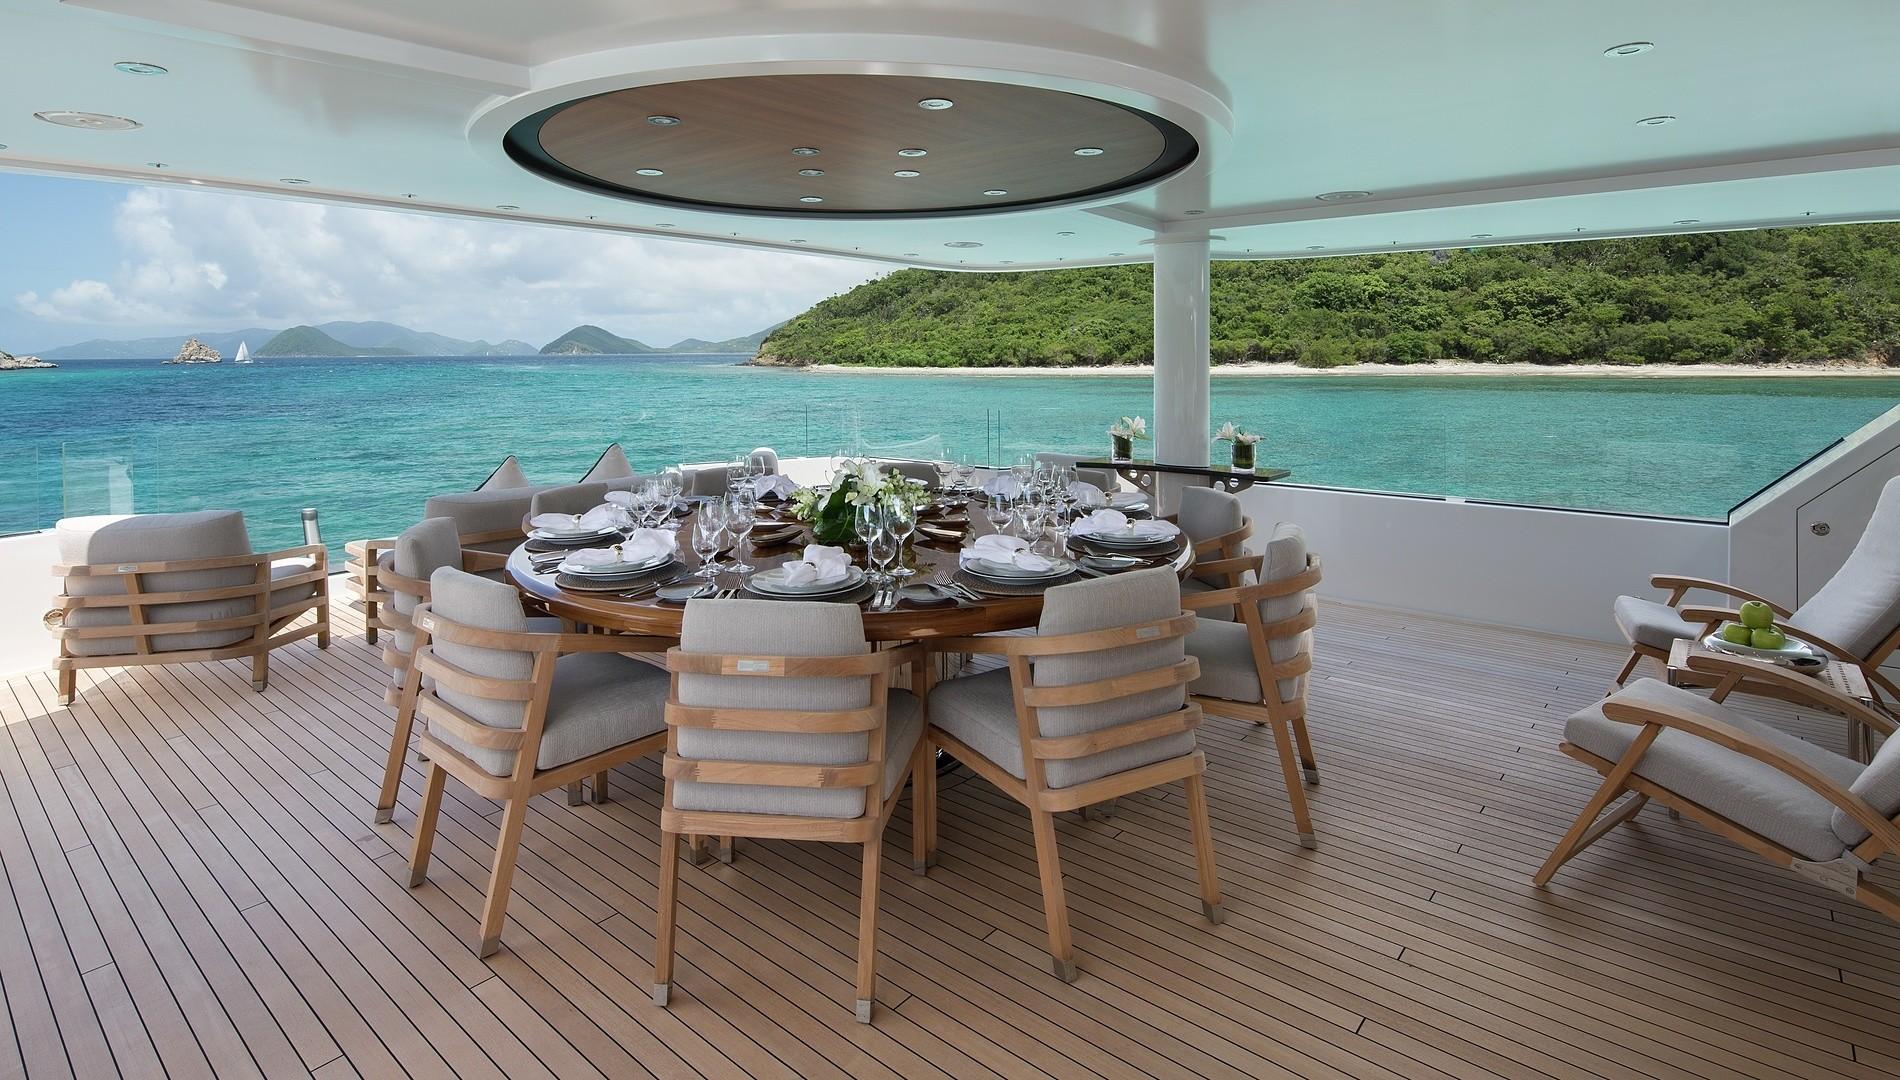 Elegant exterior dining area